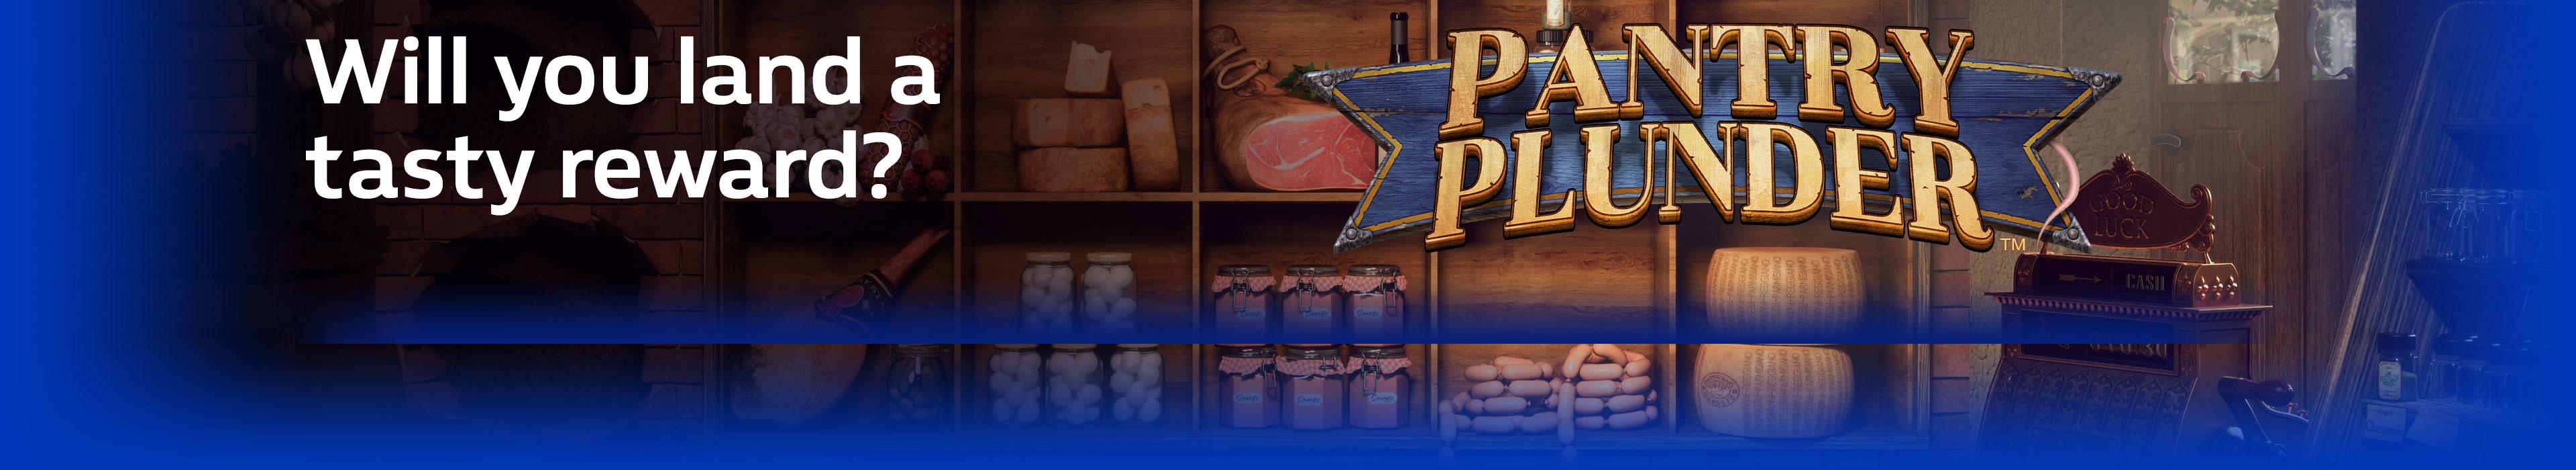 Get a taste of Pantry Plunder